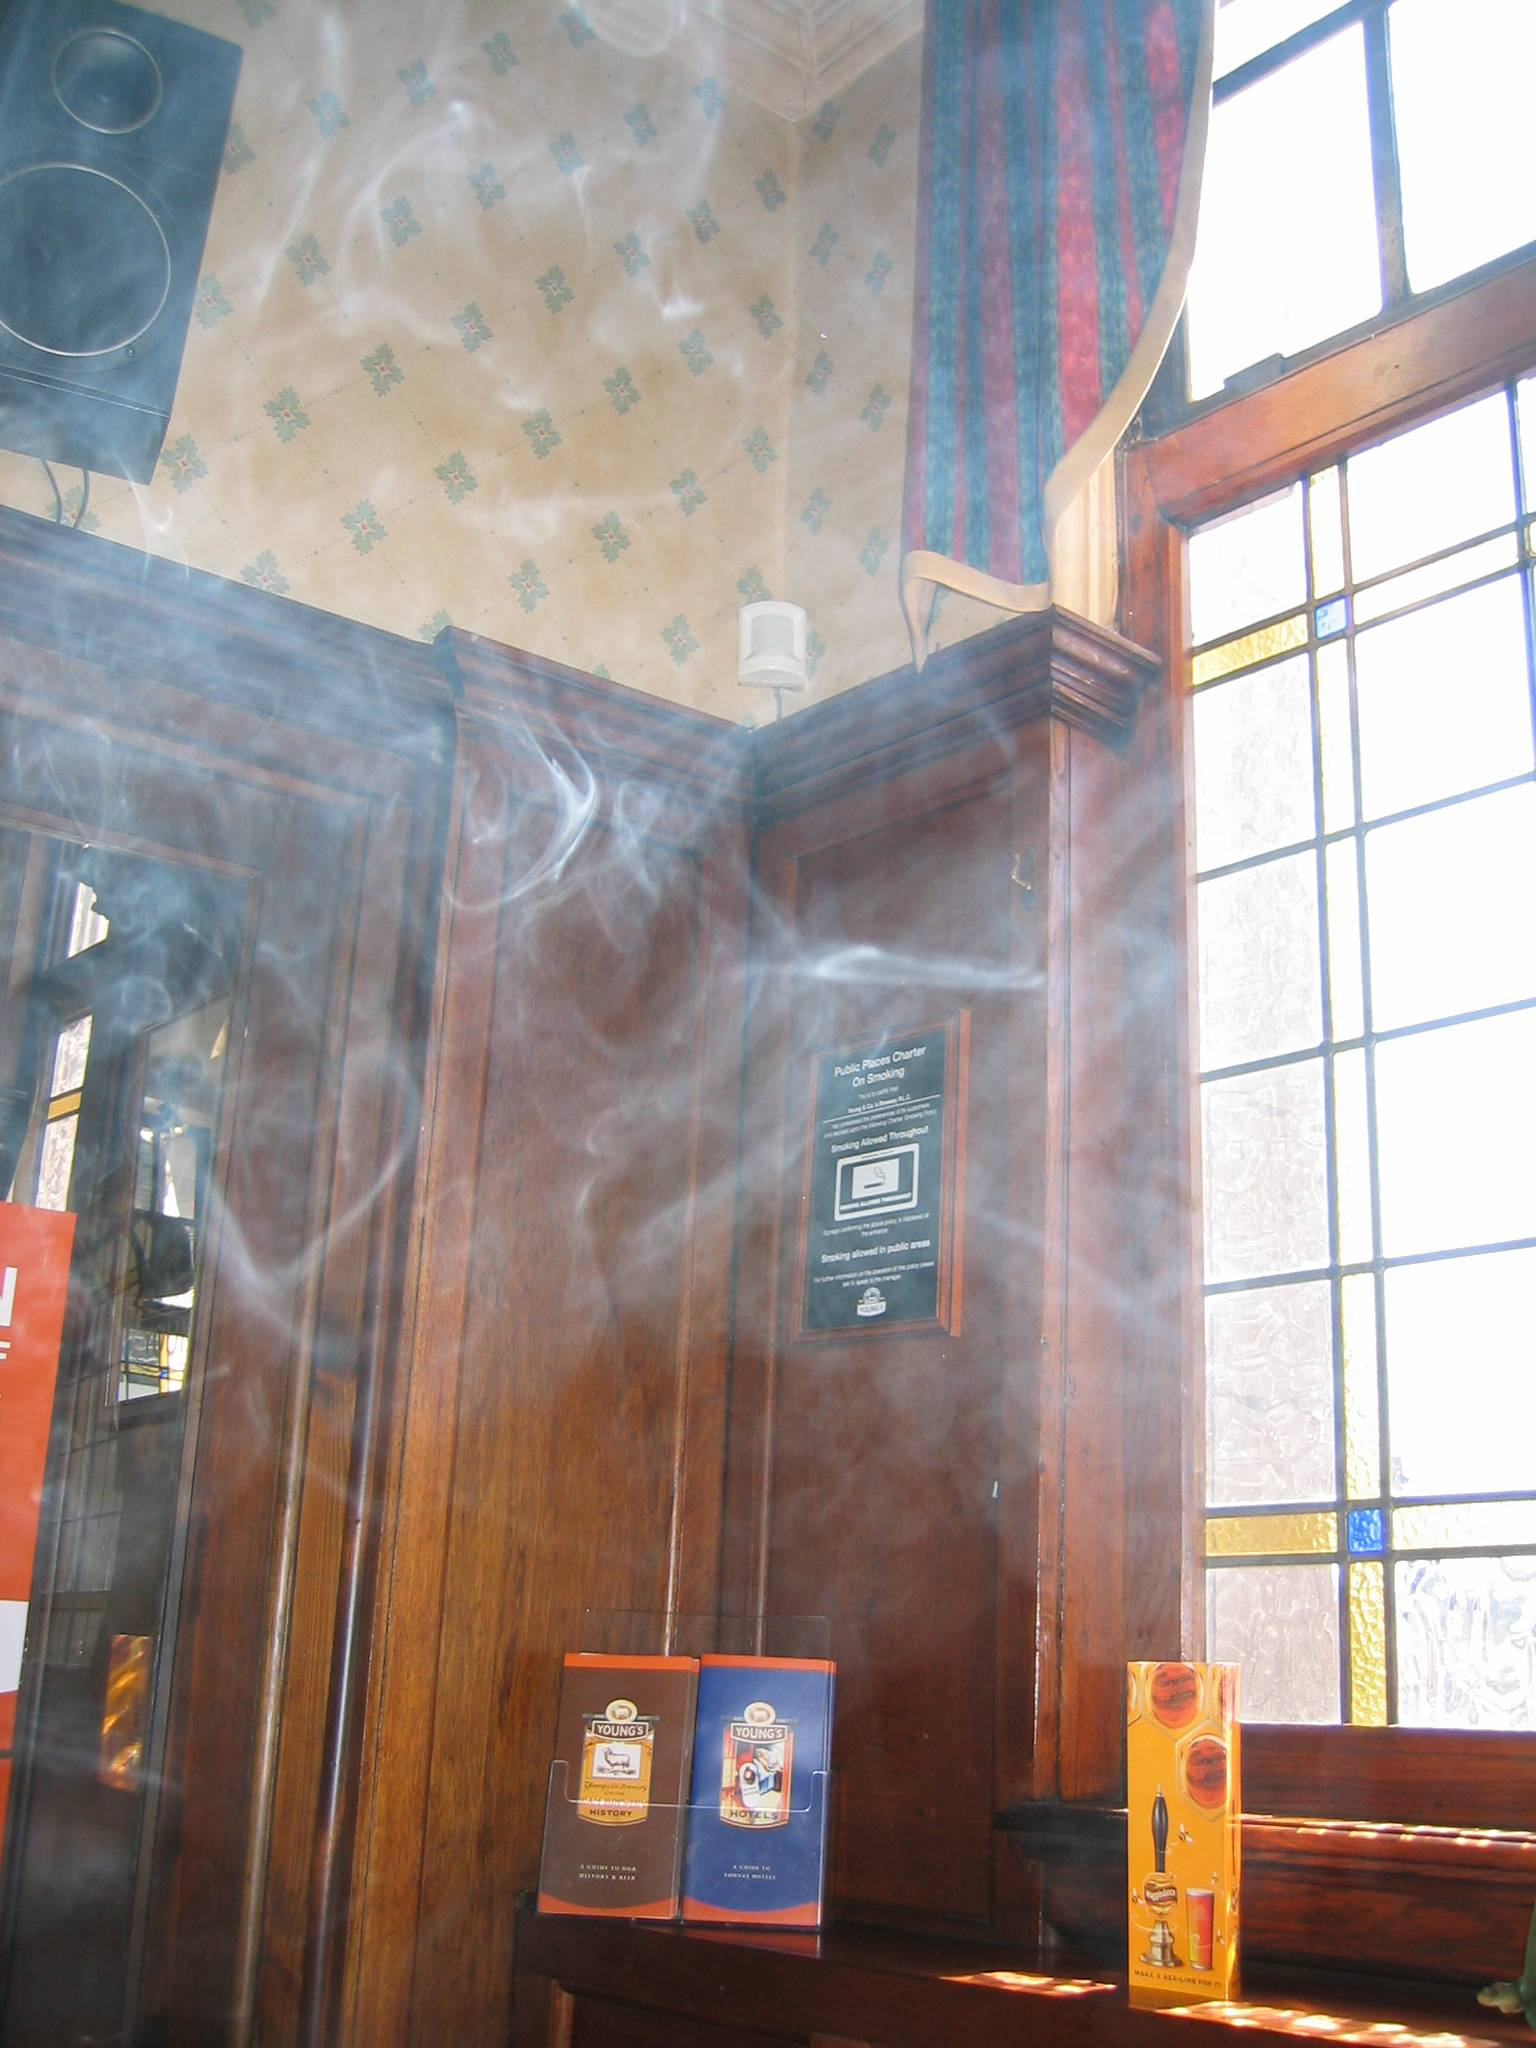 Пассивное курение - пассивное курение и его влияние на здоровье